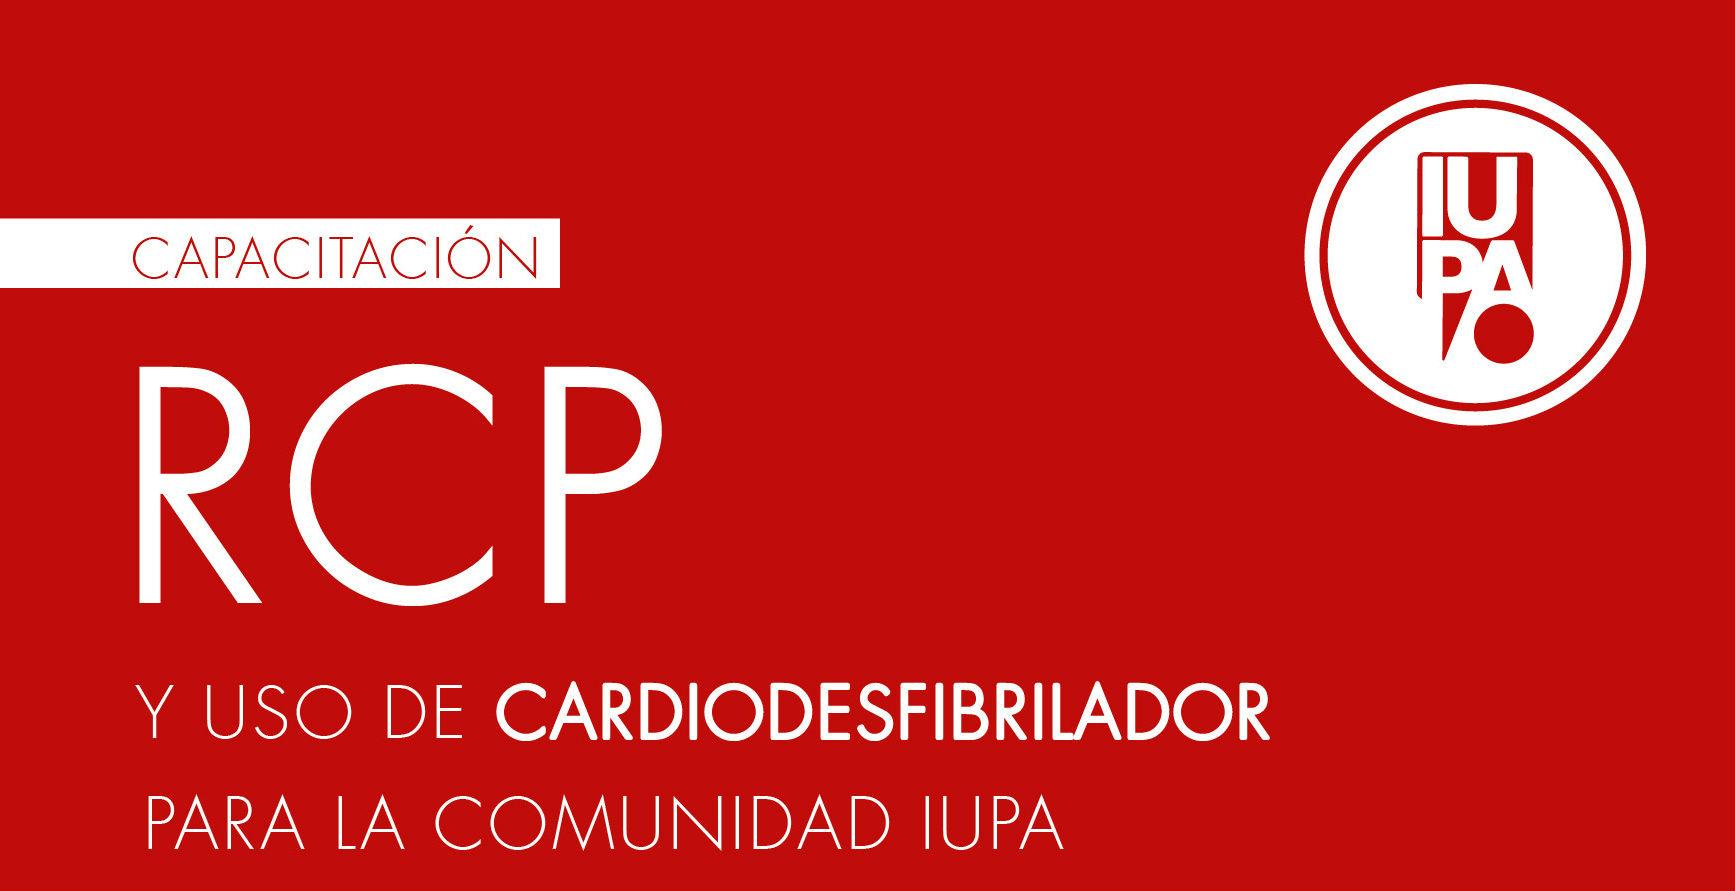 imagen de RCP